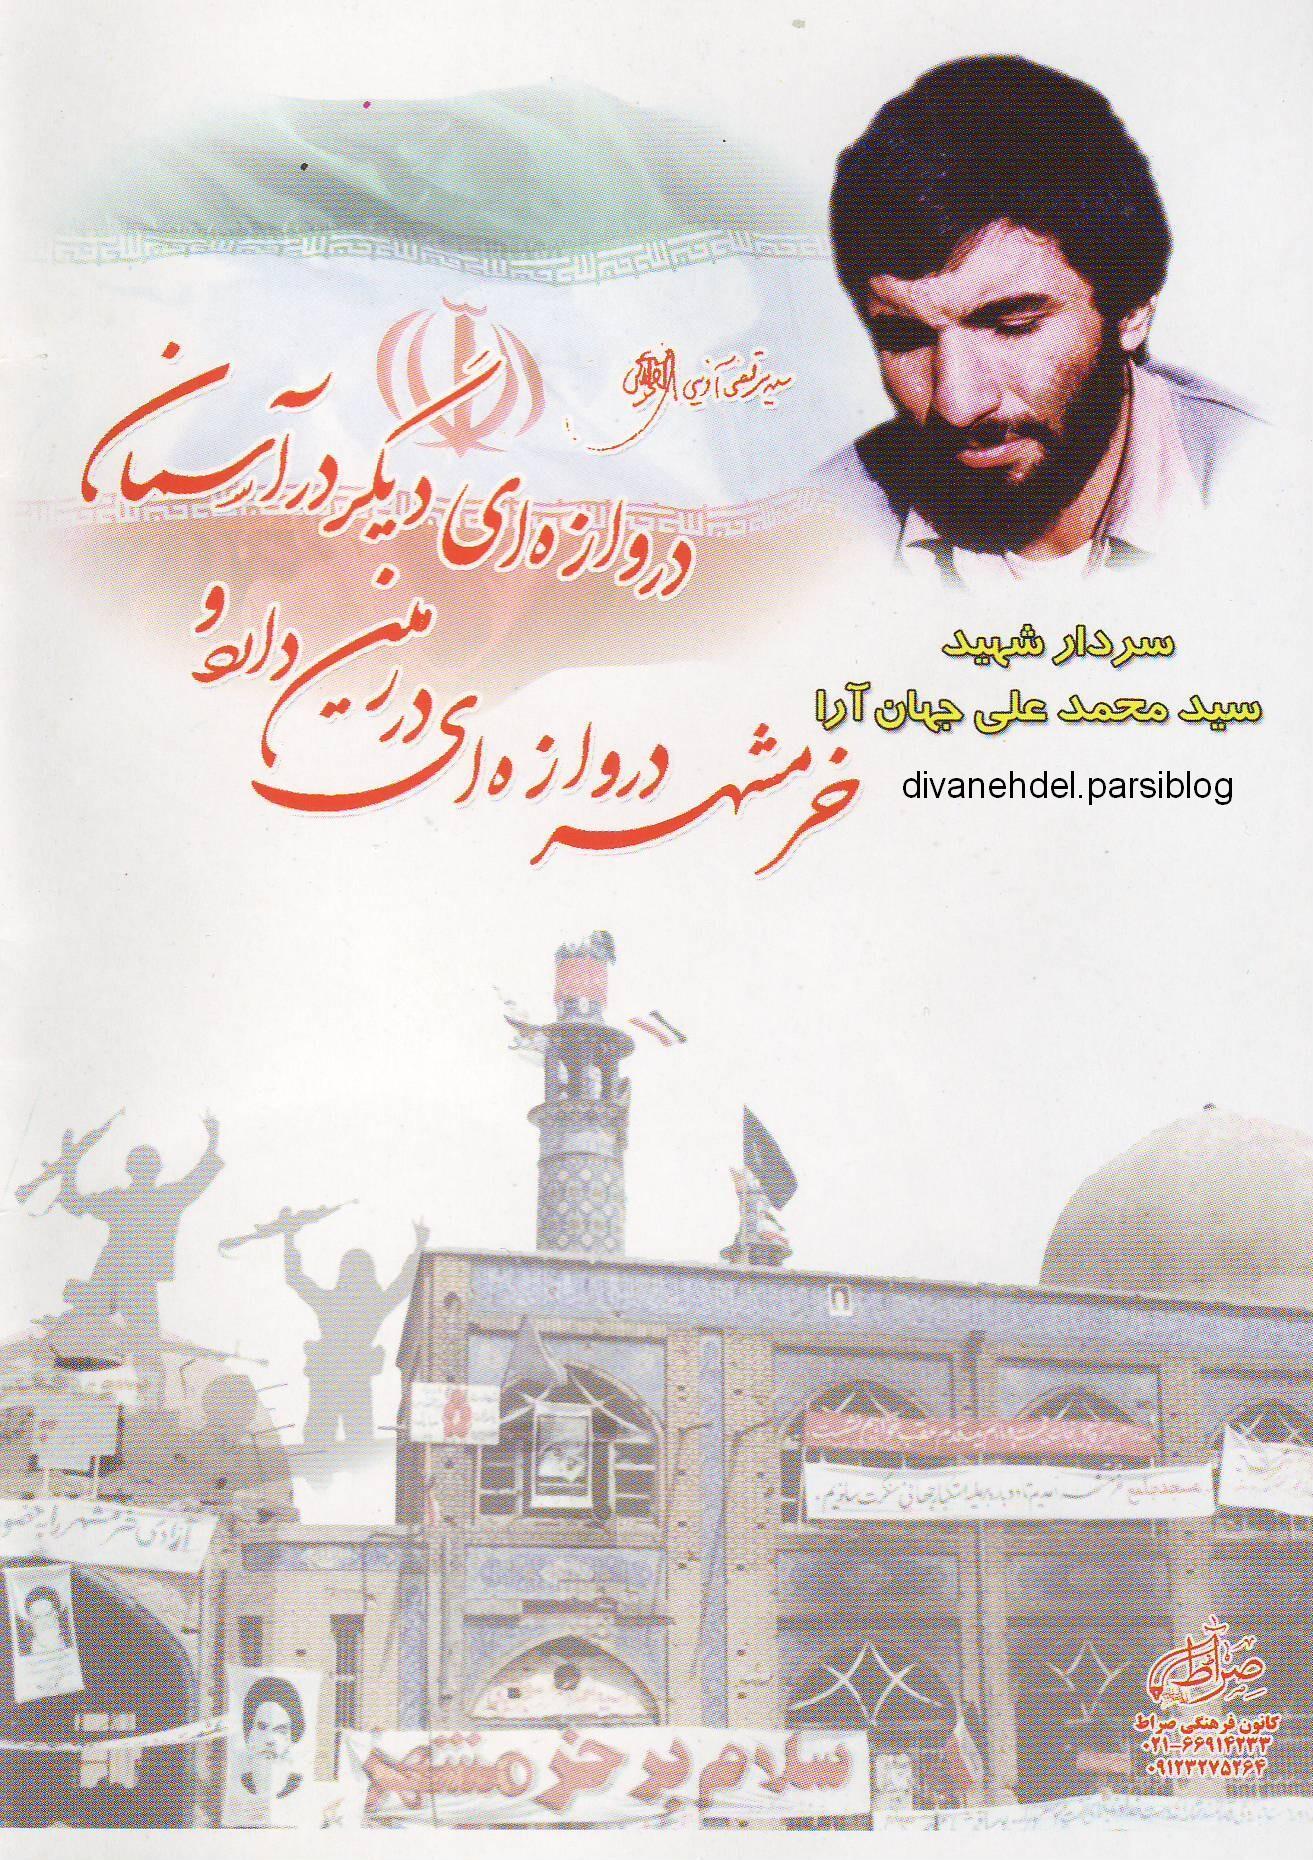 shahid mohammad jahanara